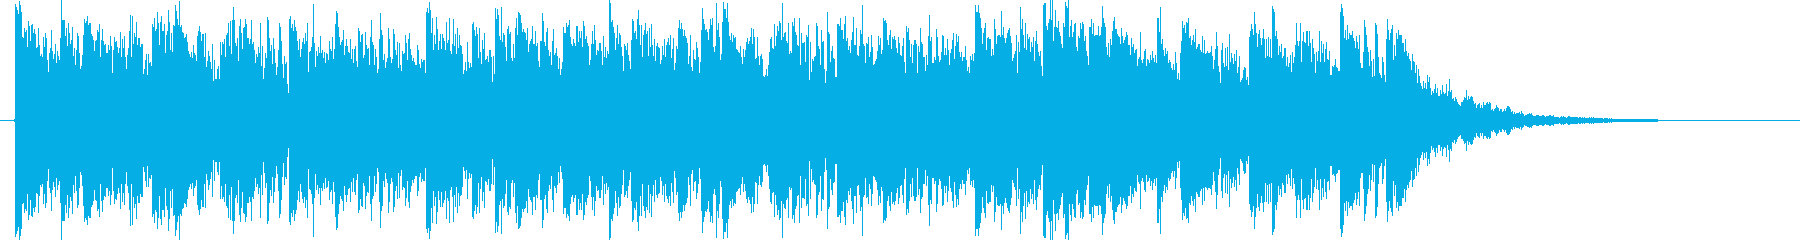 ロック、オーケストラ、リズムの融合ロゴの再生済みの波形